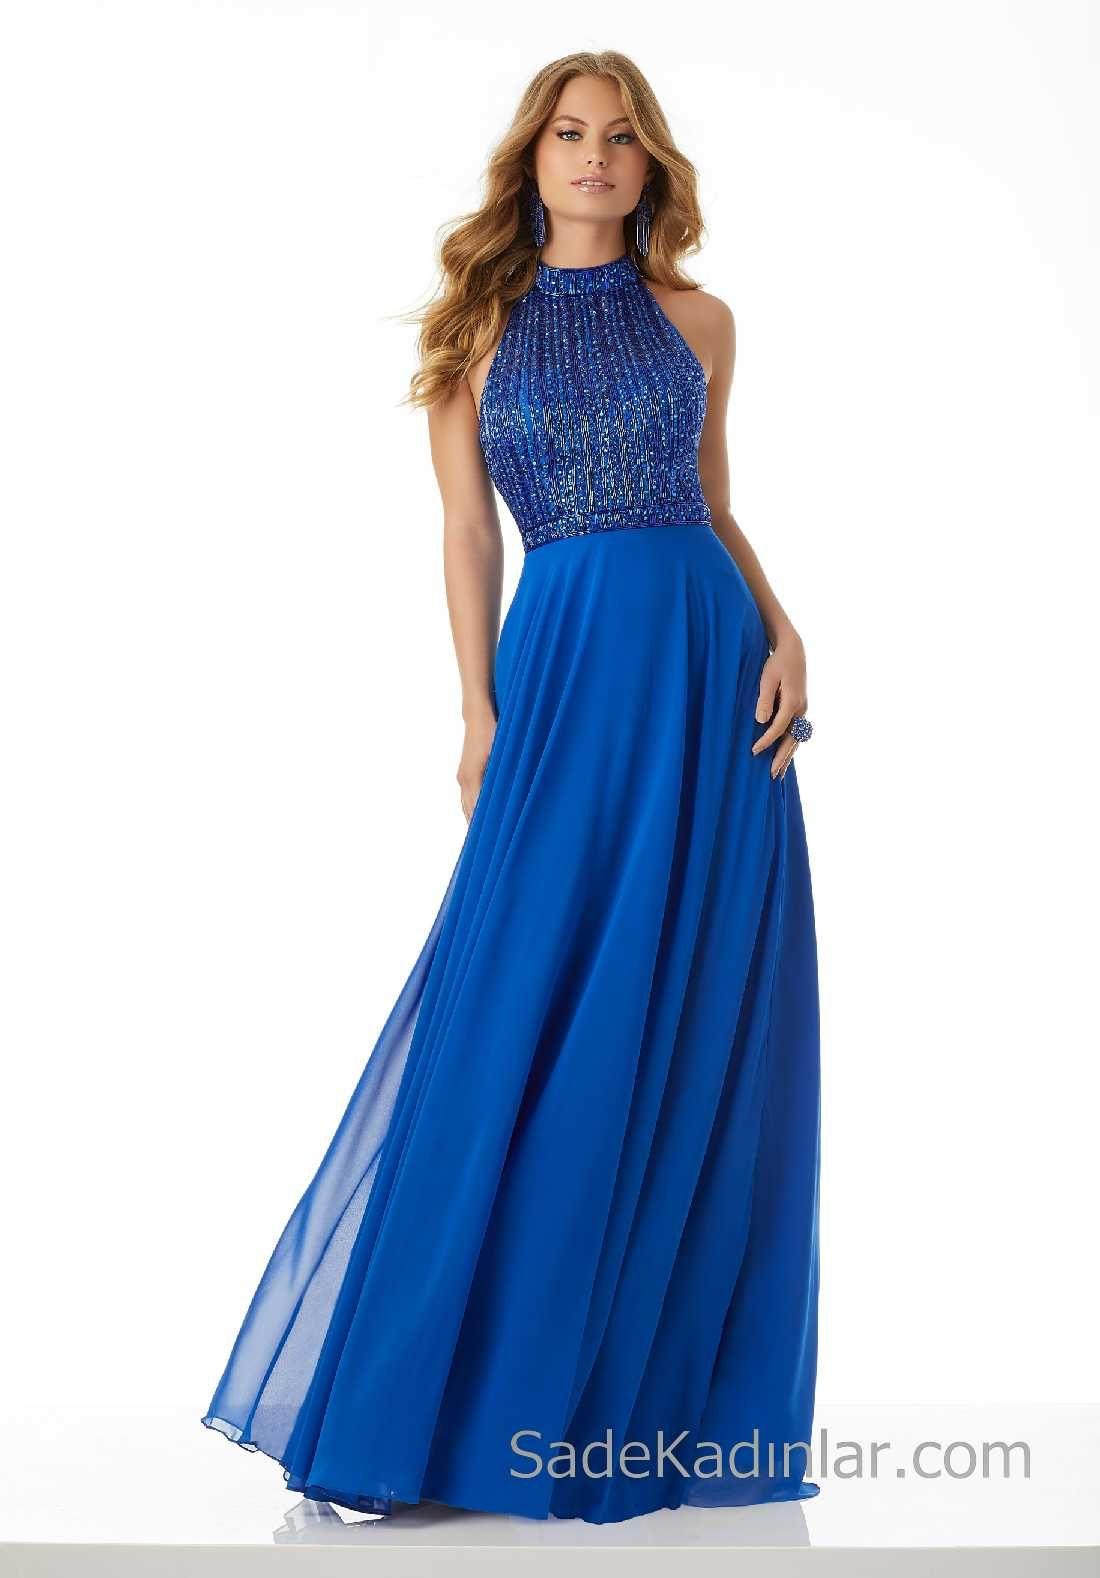 b37d021922e61 2018 Gece Elbiseleri Şık Abiye Modelleri Saks Mavi Uzun Şifon Boncuk  İşlemeli